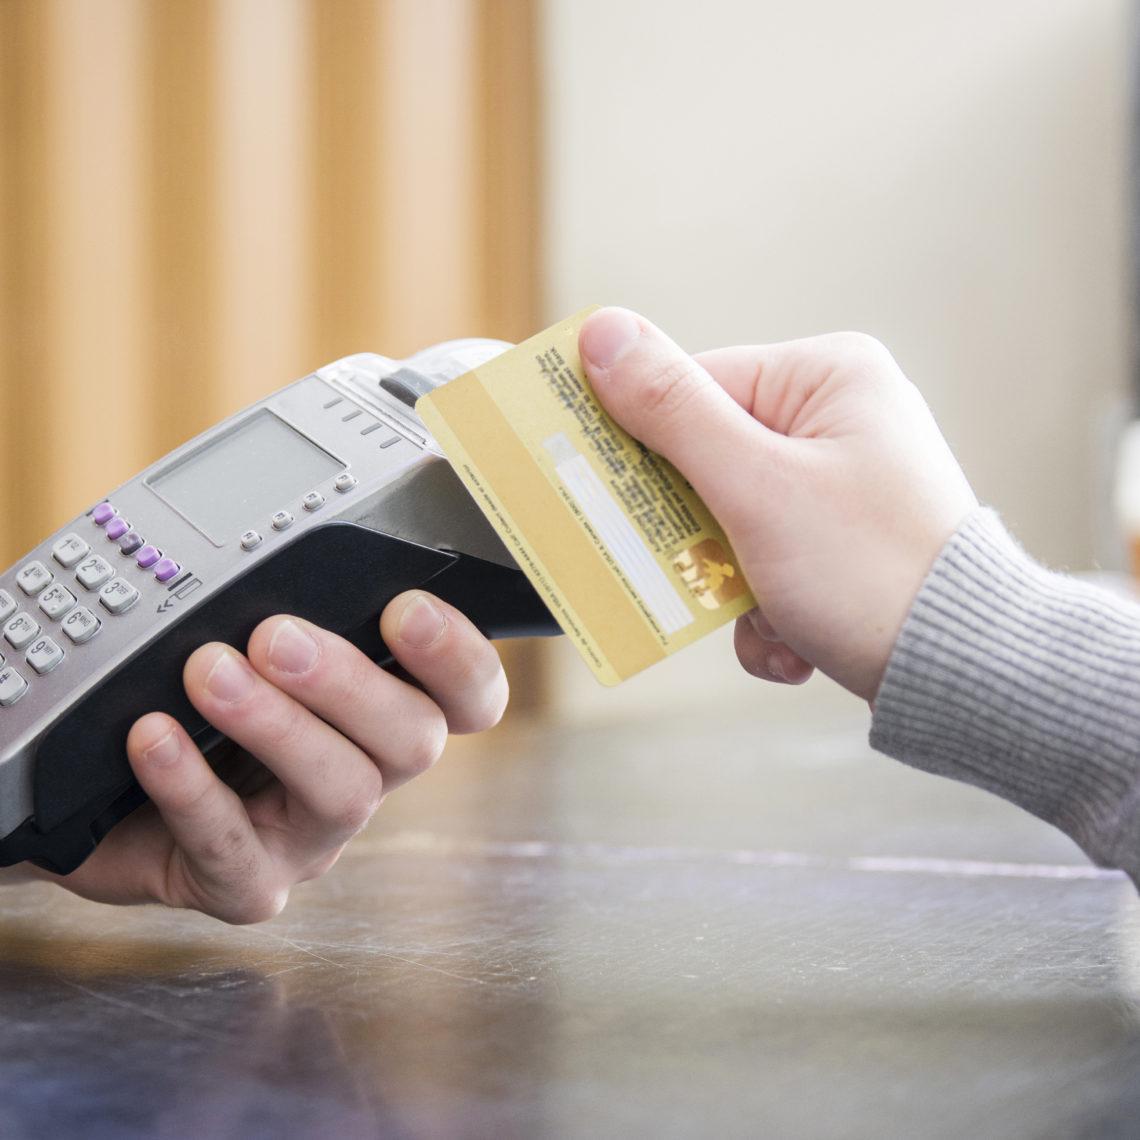 cotrolar ventas con tarjeta